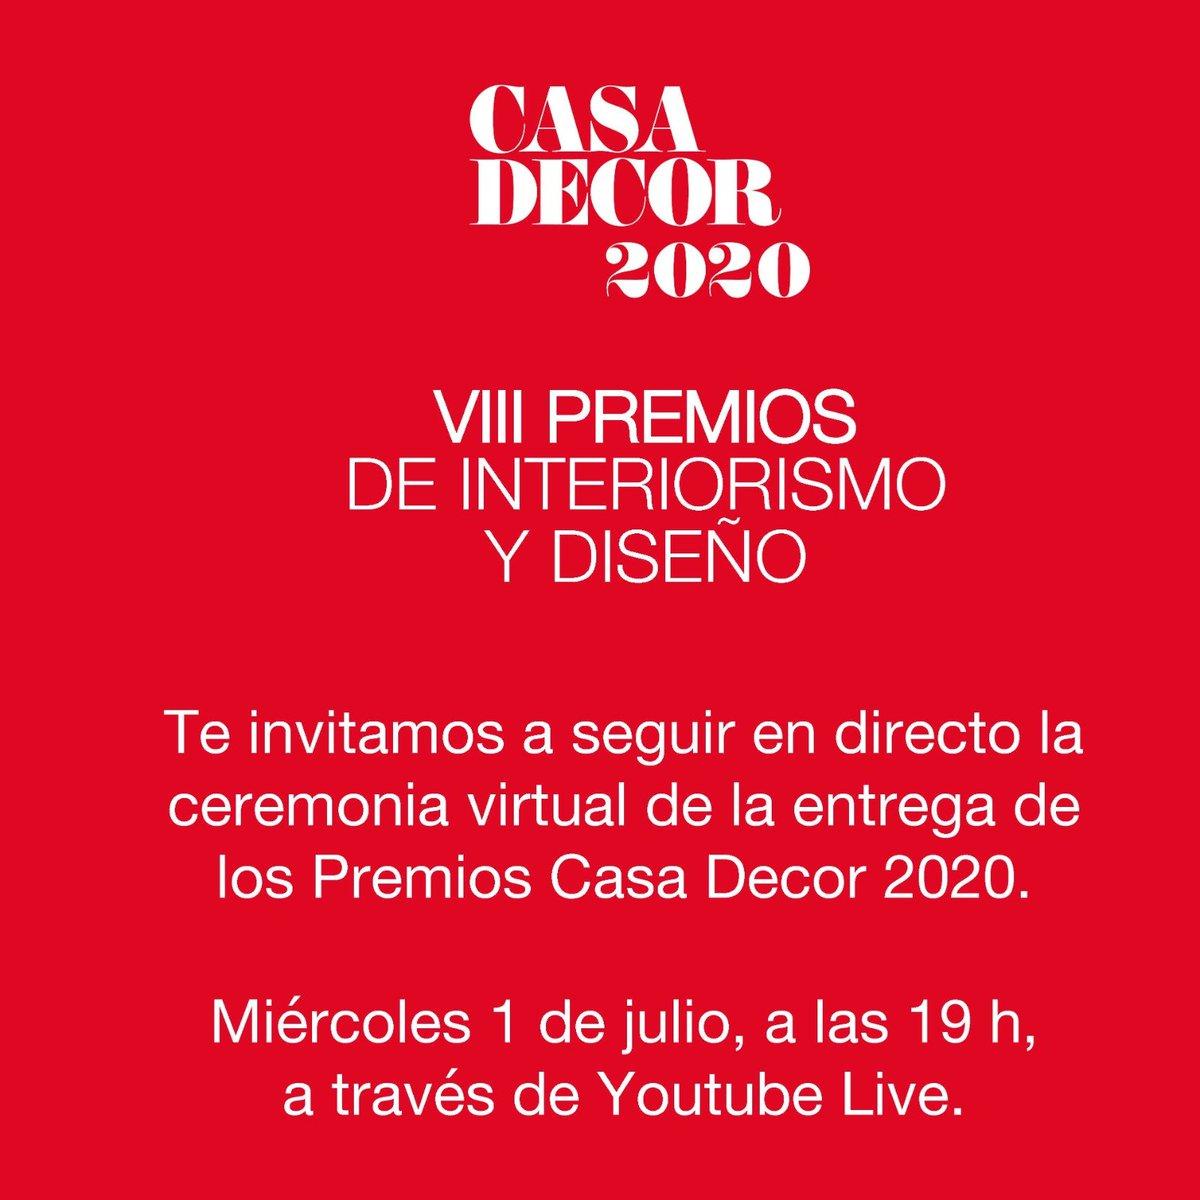 ¡Recuerda! Hoy a las 19:00 horas te esperamos en nuestro canal de Youtube para disfrutar de la ceremonia de los #PremiosCasaDecor2020 ¡No te los pierdas!  #CasaDecor2020 #Velázquez21 #CasaDecorSostenible https://t.co/ma4IO50D8w